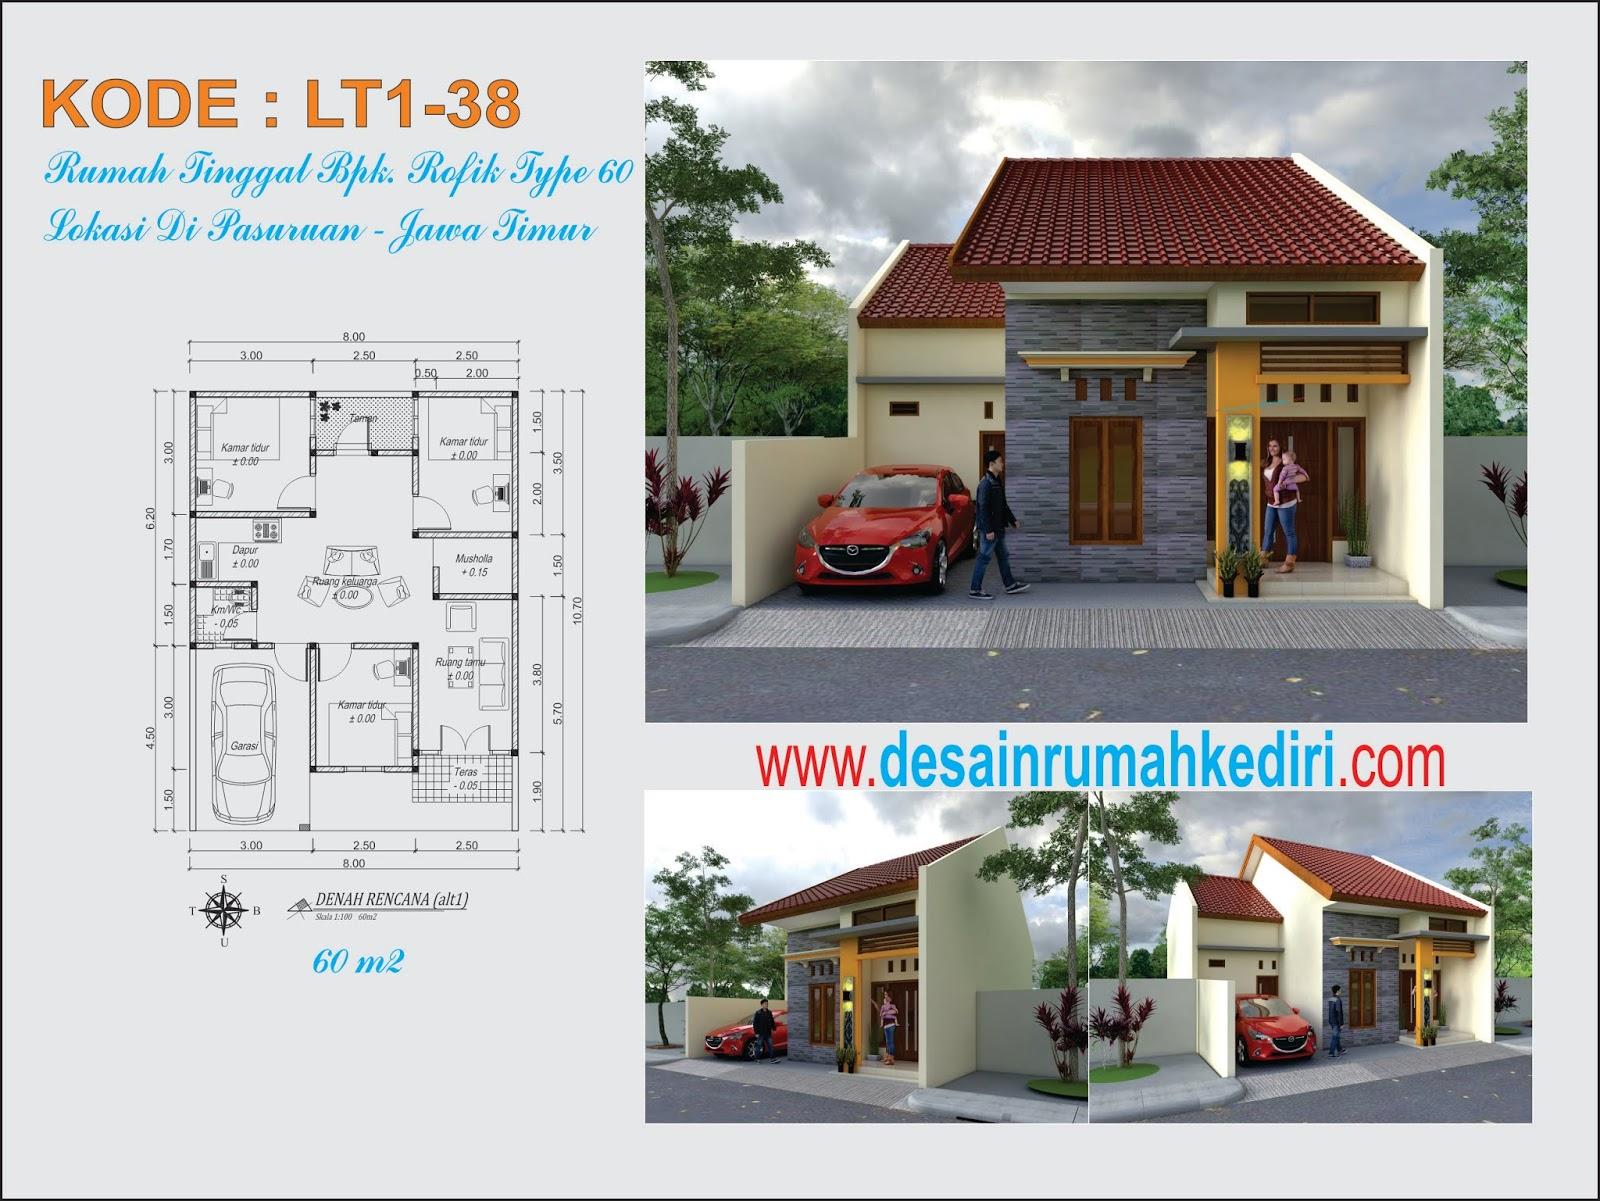 LT1 38 Desain Rumah Minimalis 1 Lantai Bpk Rofik di